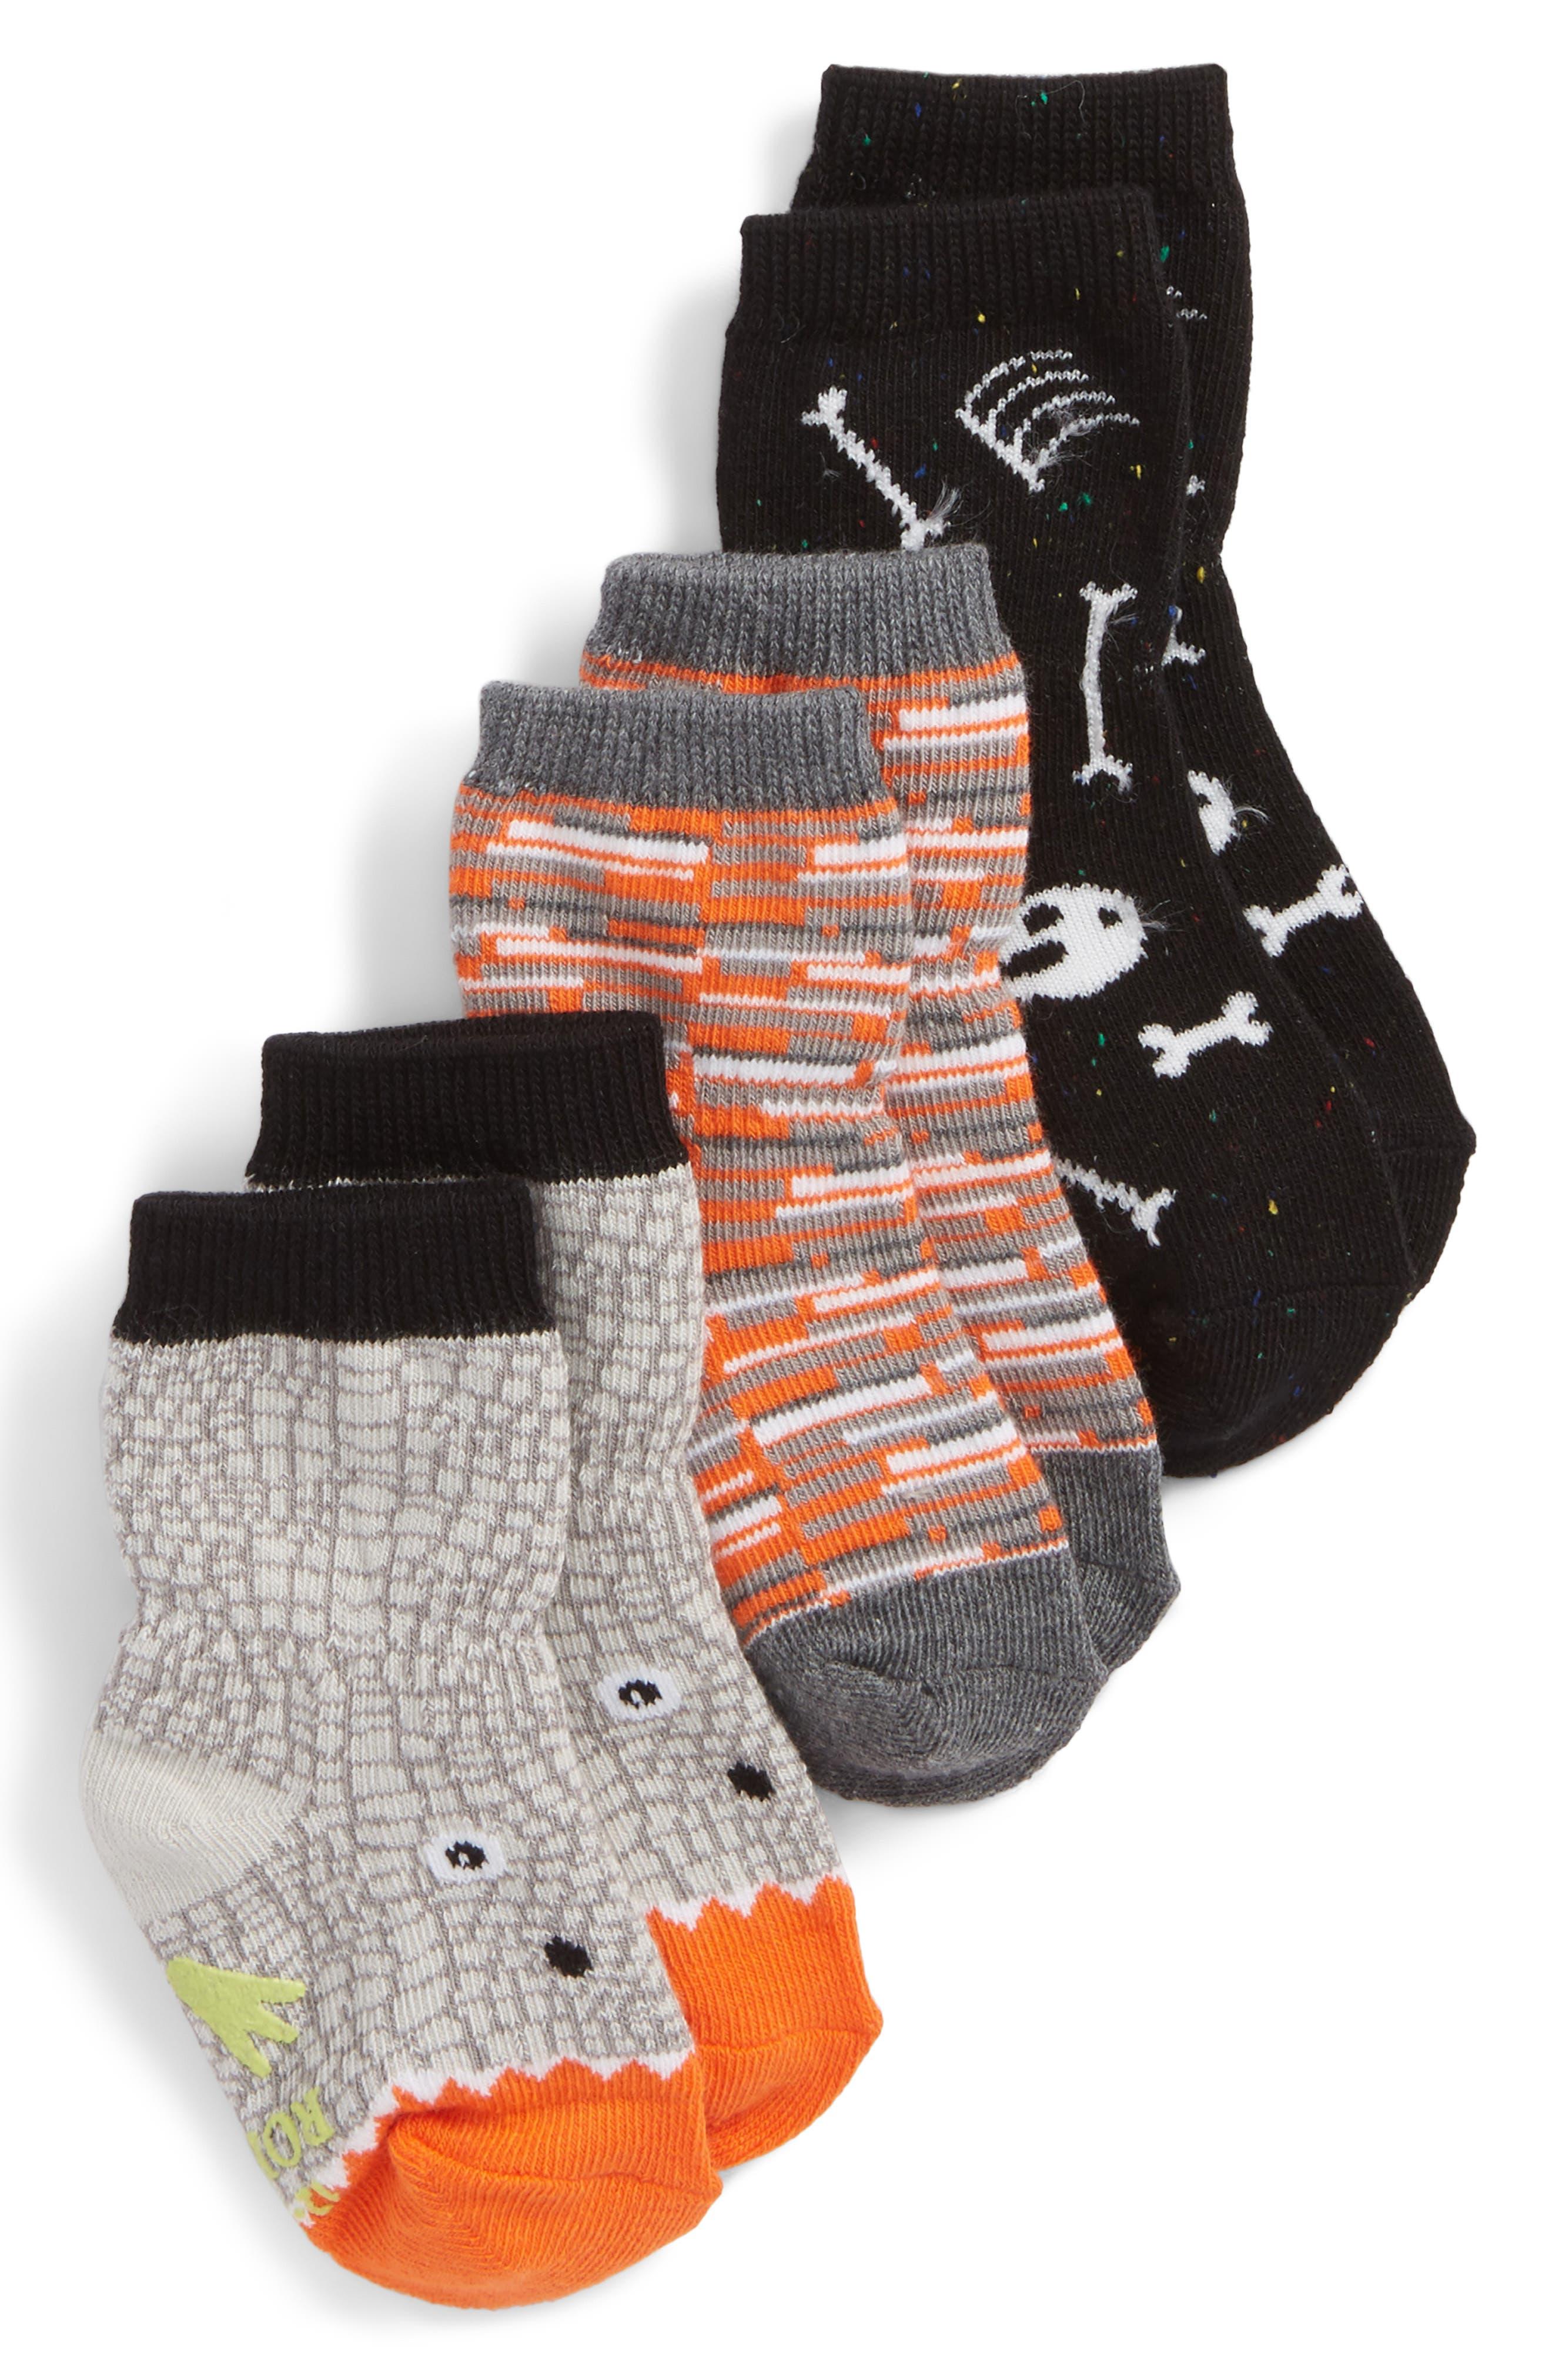 Dino Dan 3-Pack Socks,                             Main thumbnail 1, color,                             GRAY/ ORANGE/ GLOW-IN-THE-DARK